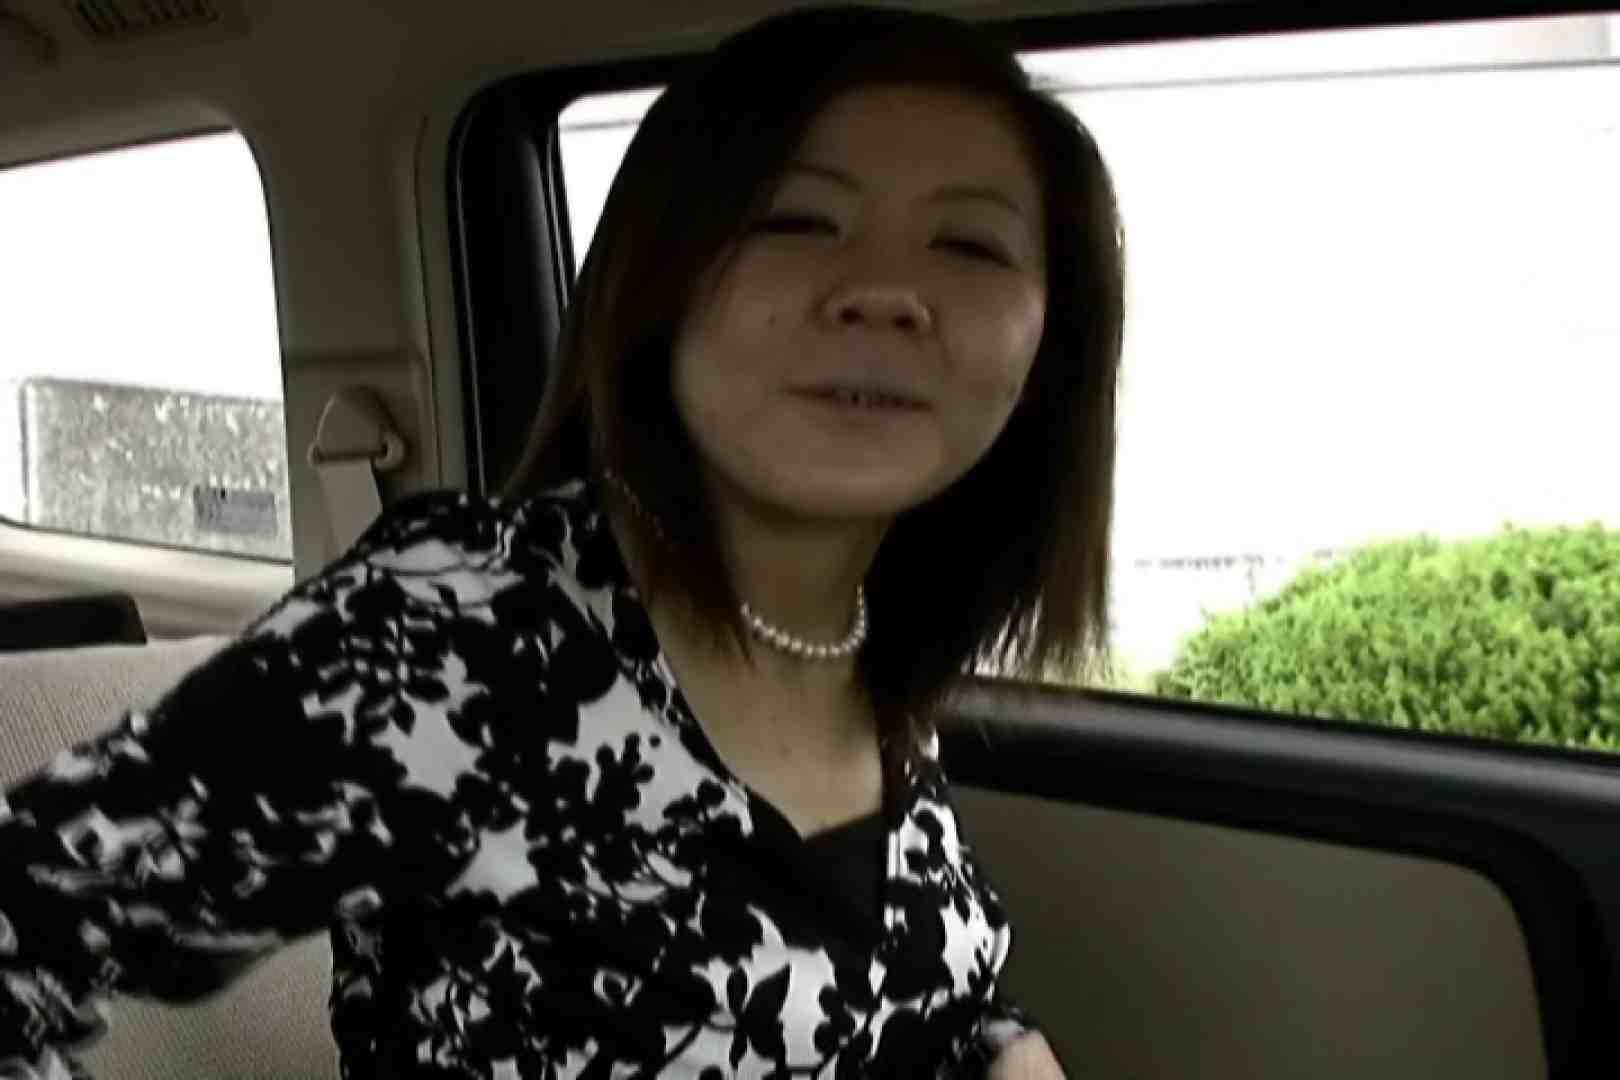 ハイビジョンパンチラ オッテQさんの追跡パンチラ制服女子編Vol.04 OLのエッチ 盗み撮り動画 60pic 50